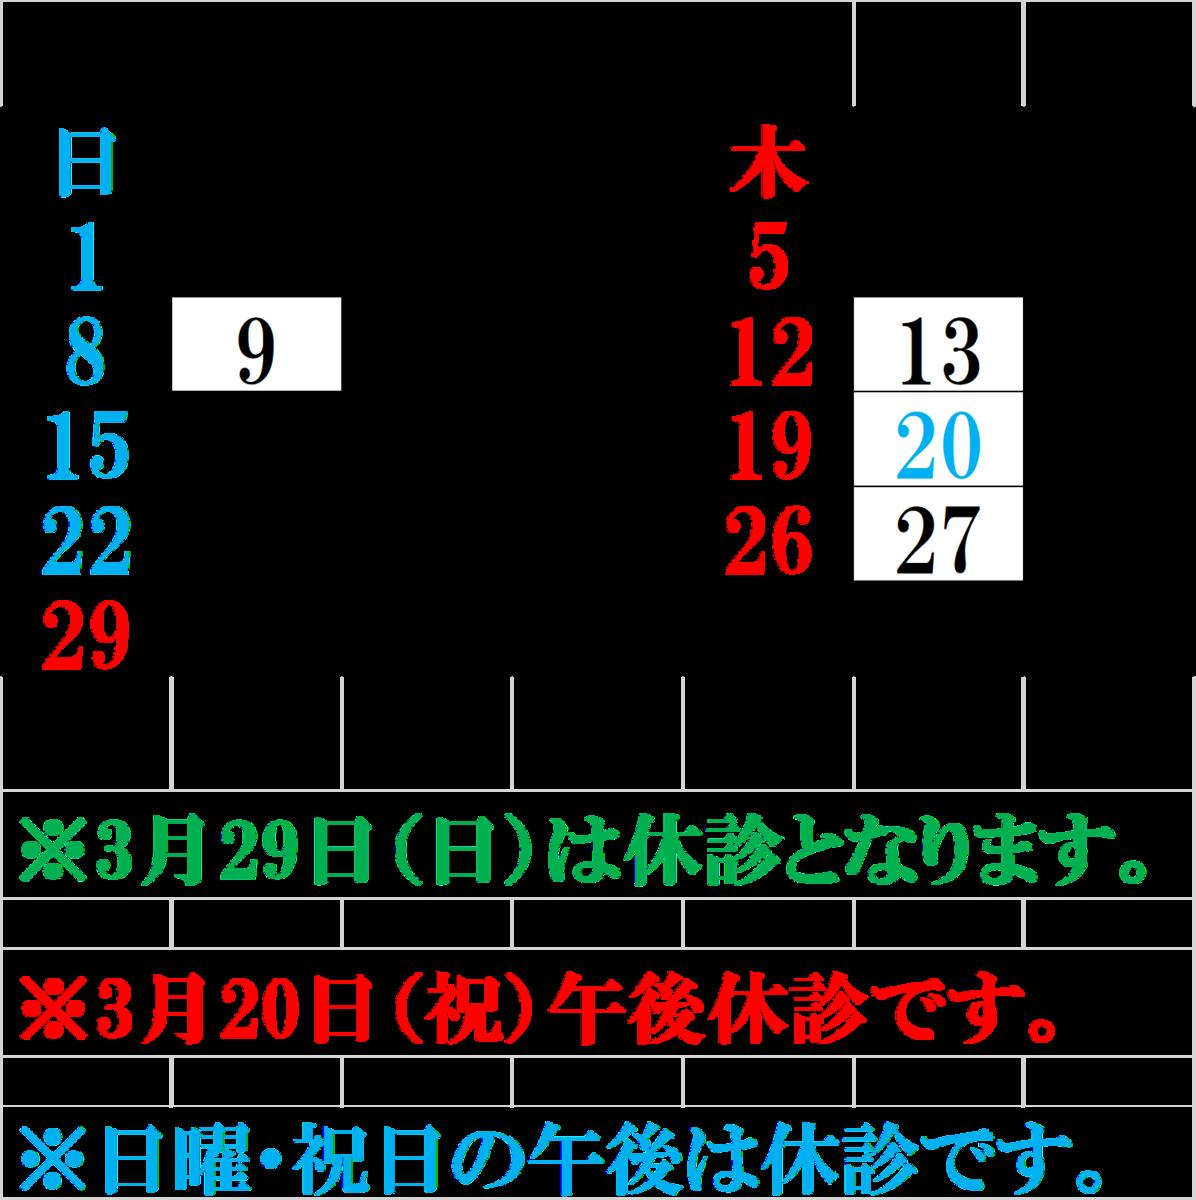 f:id:kinase_ah:20200301120328p:plain